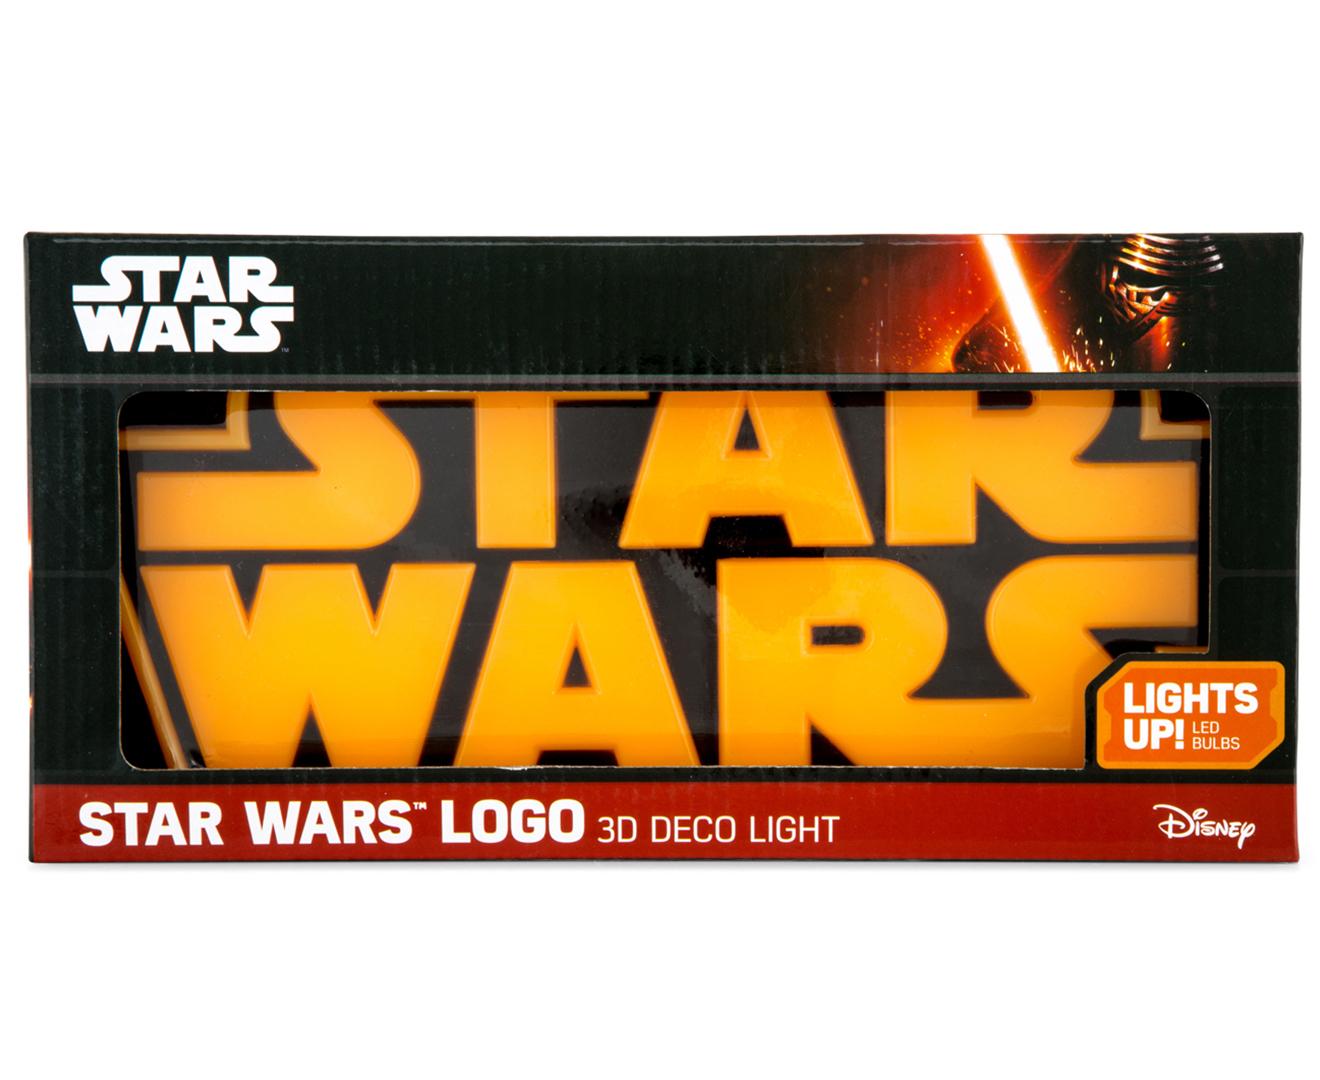 star wars logo 3d deco light ebay. Black Bedroom Furniture Sets. Home Design Ideas